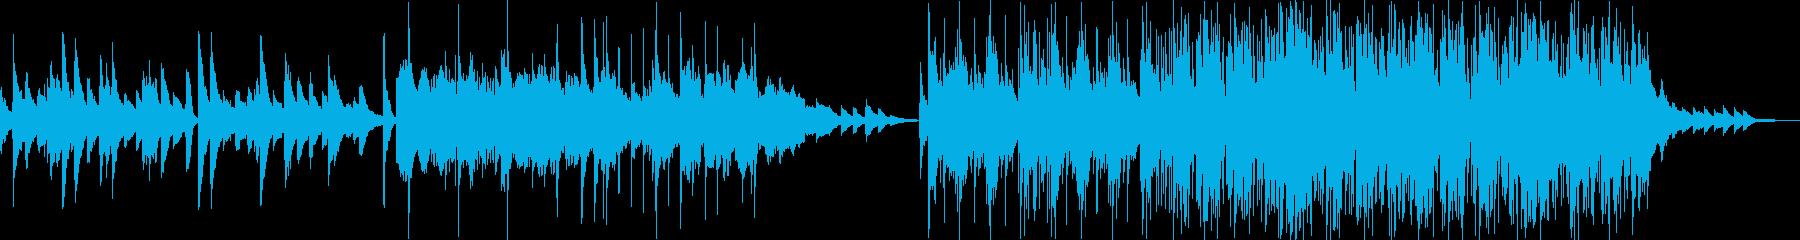 感動系 ロマンティックなやさしいピアノ曲の再生済みの波形